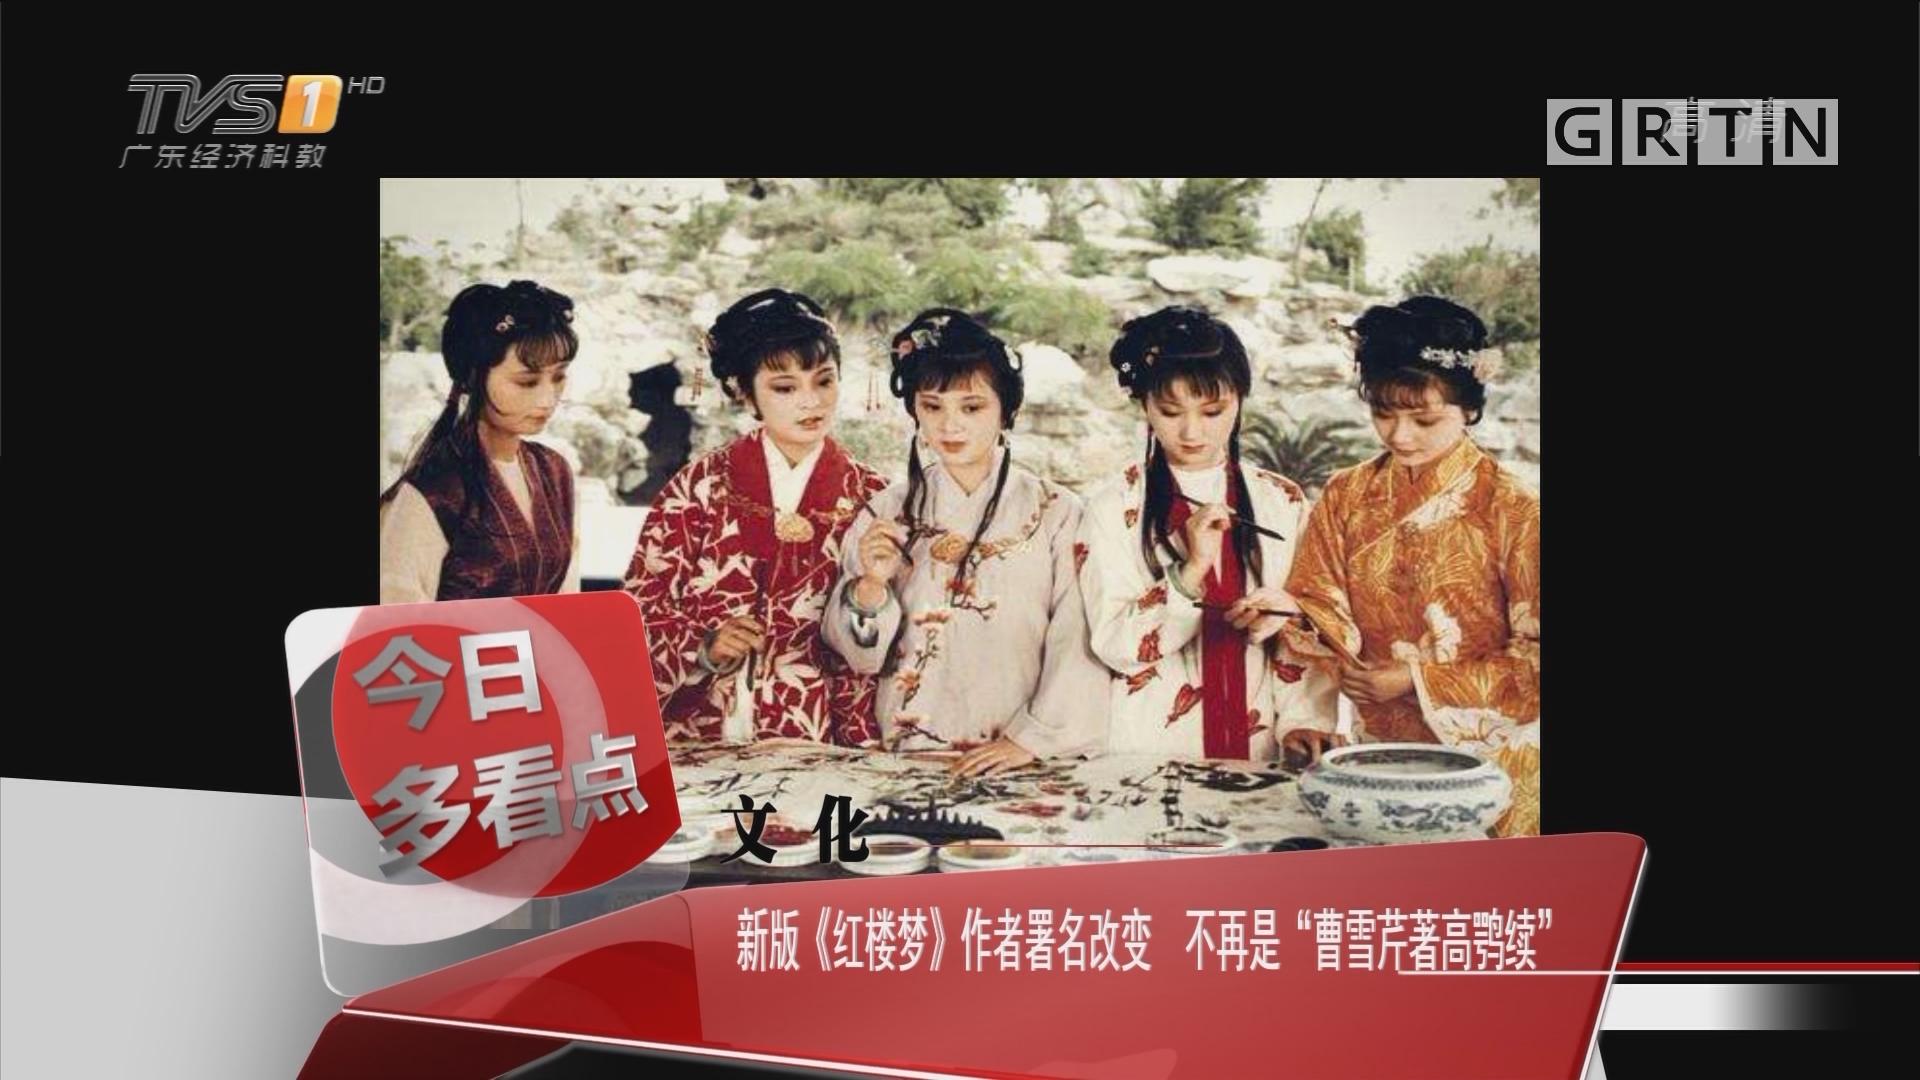 """文化:新版《红楼梦》作者署名改变 不再是""""曹雪芹著高鹗续"""""""